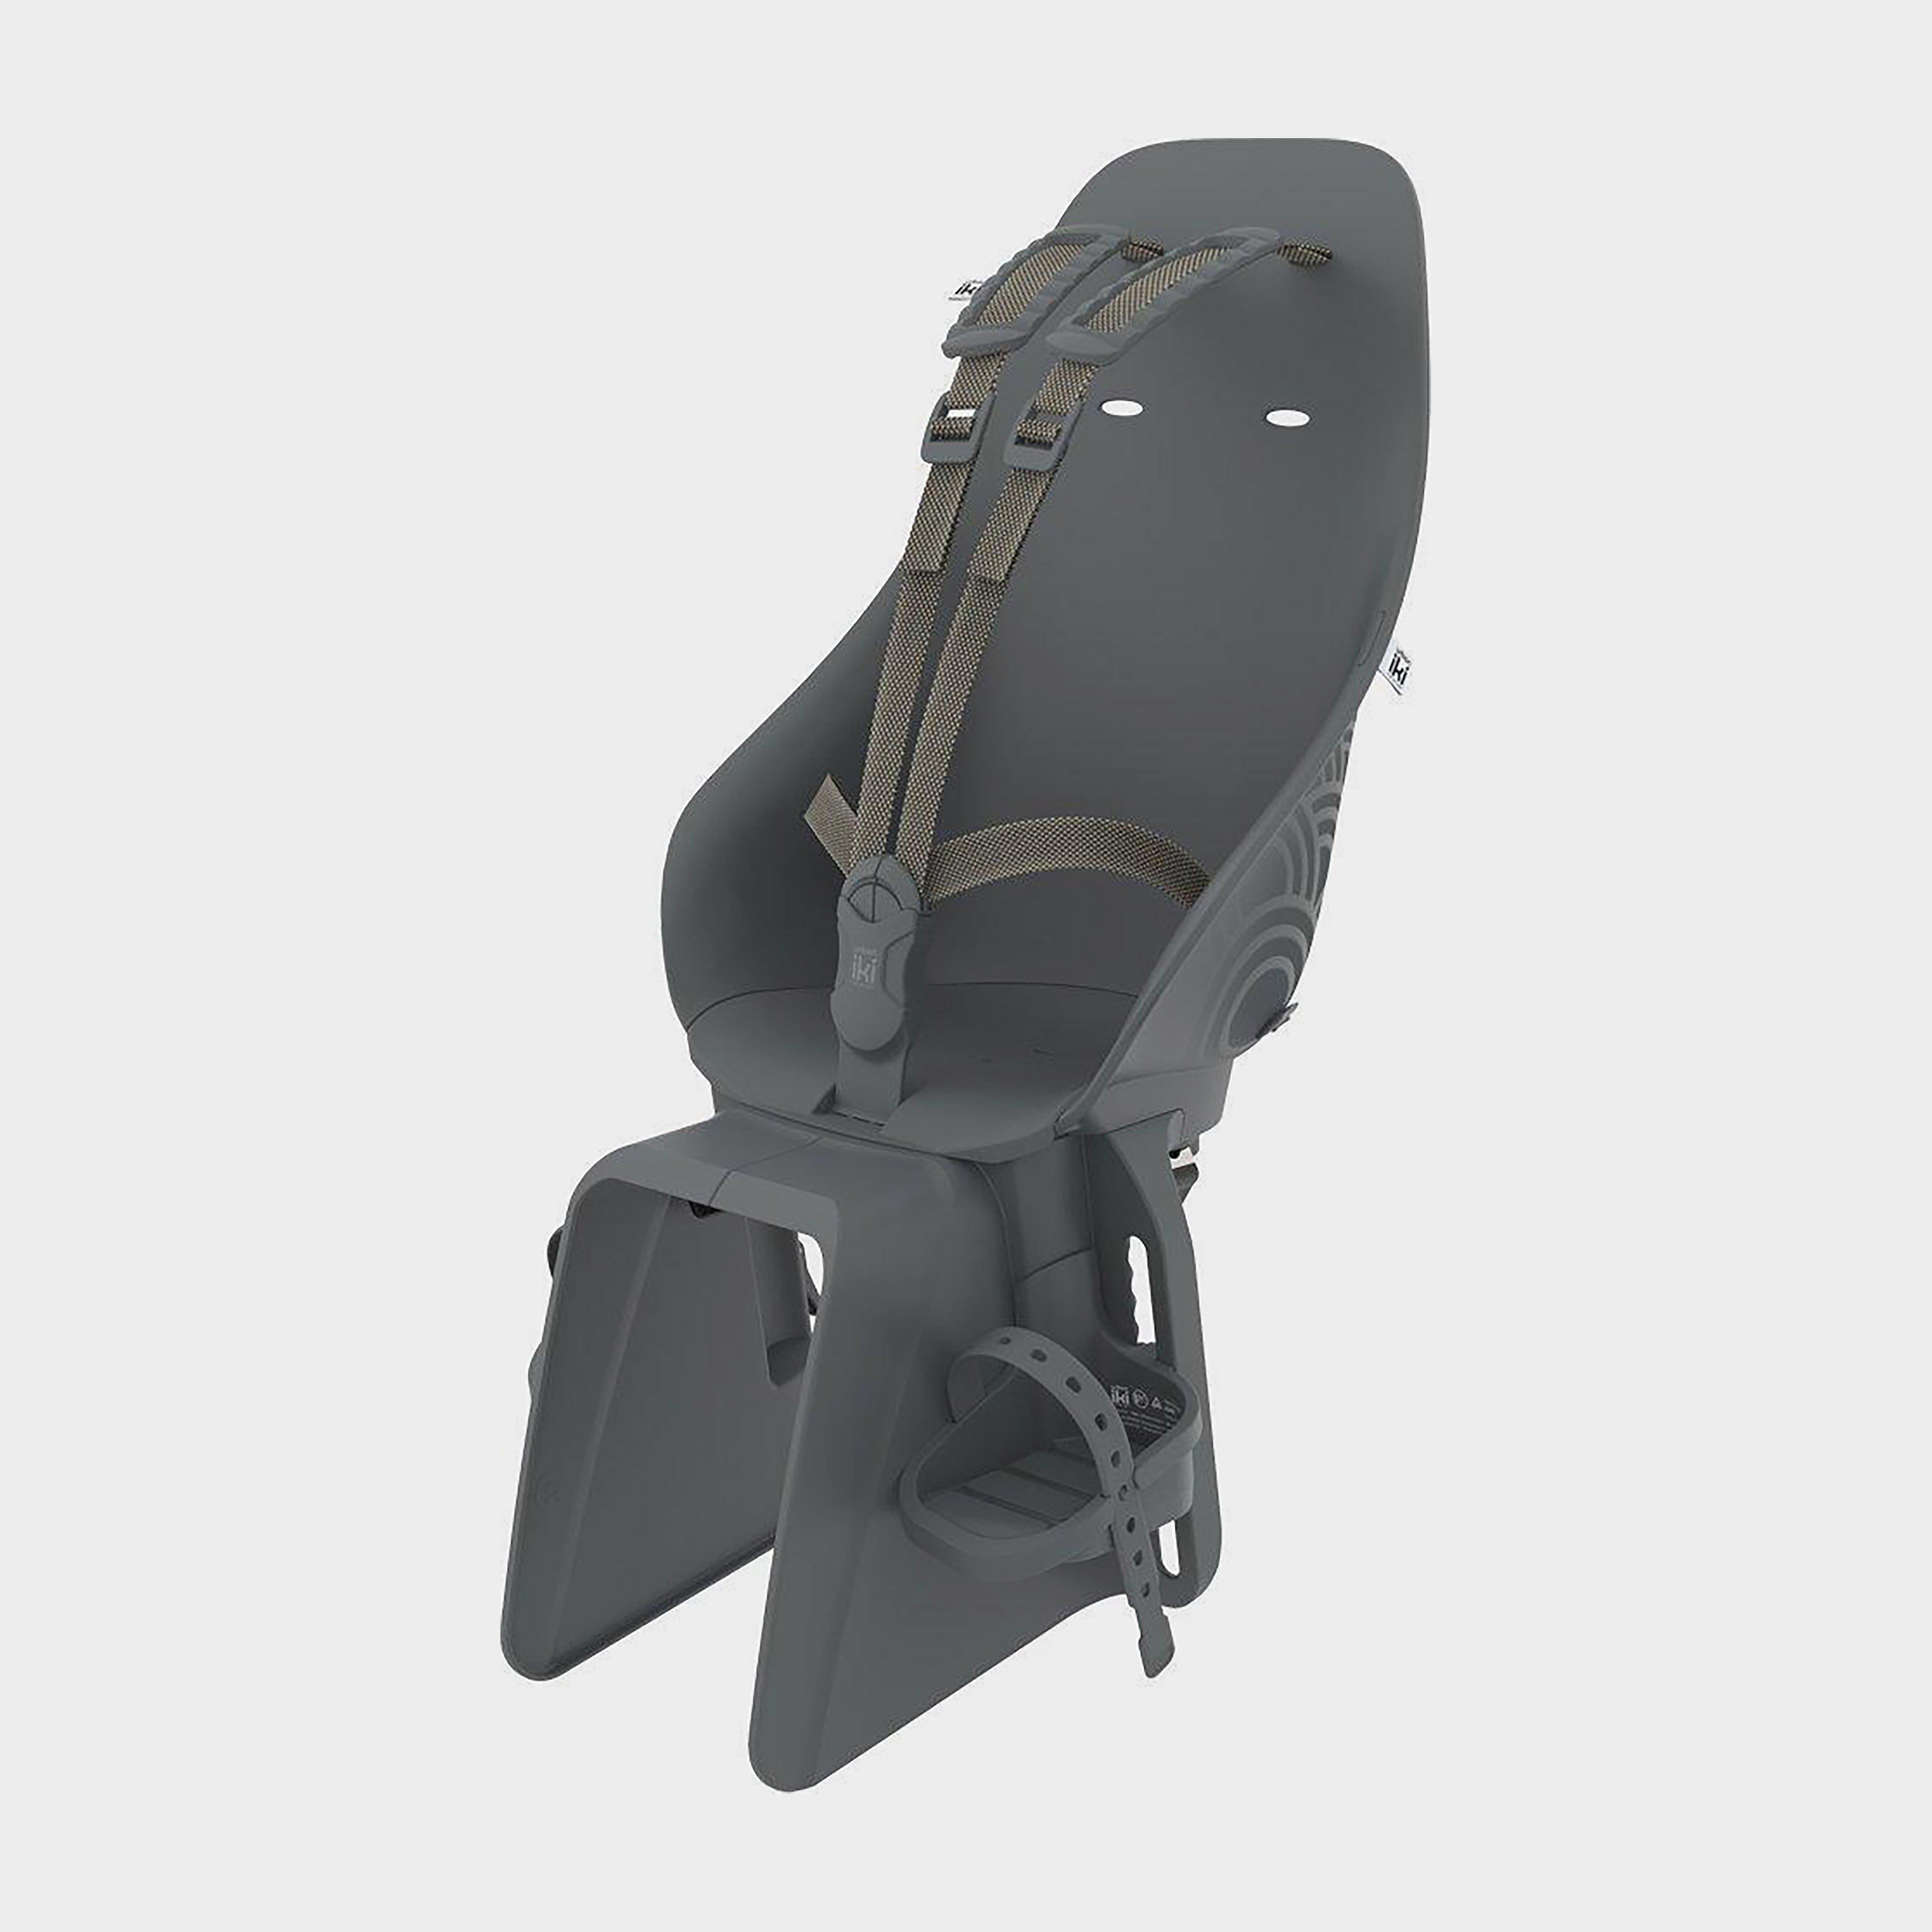 URBAN IKI Kids' Rear Bike Seat, BLACK/SEAT